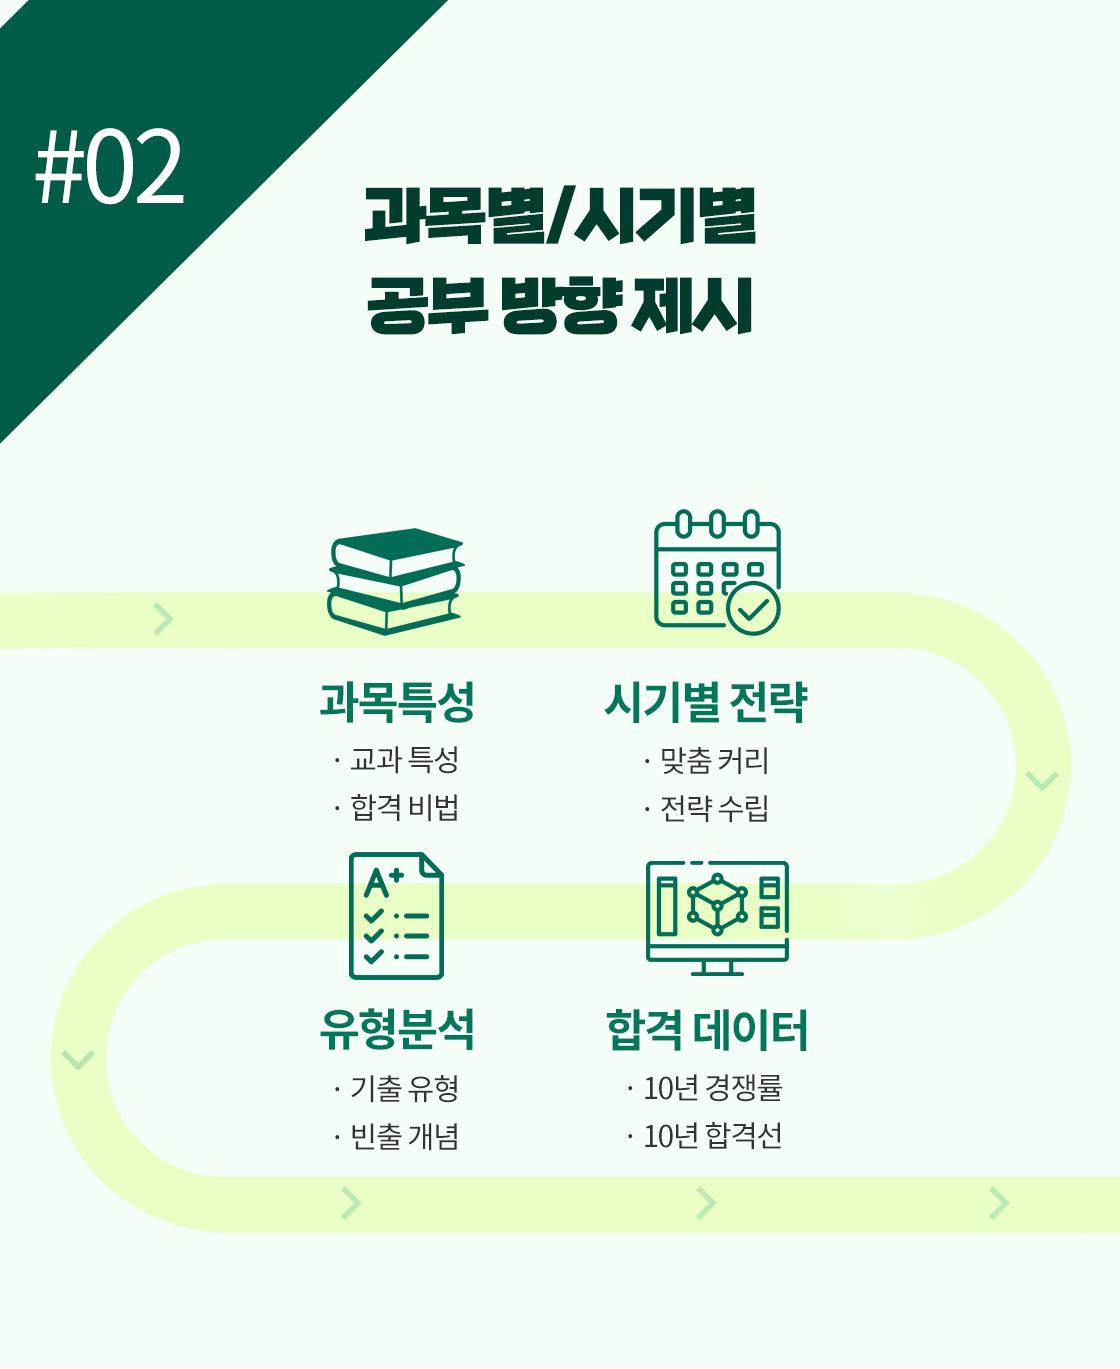 2. 과목별/시기별 공부 방향 제시